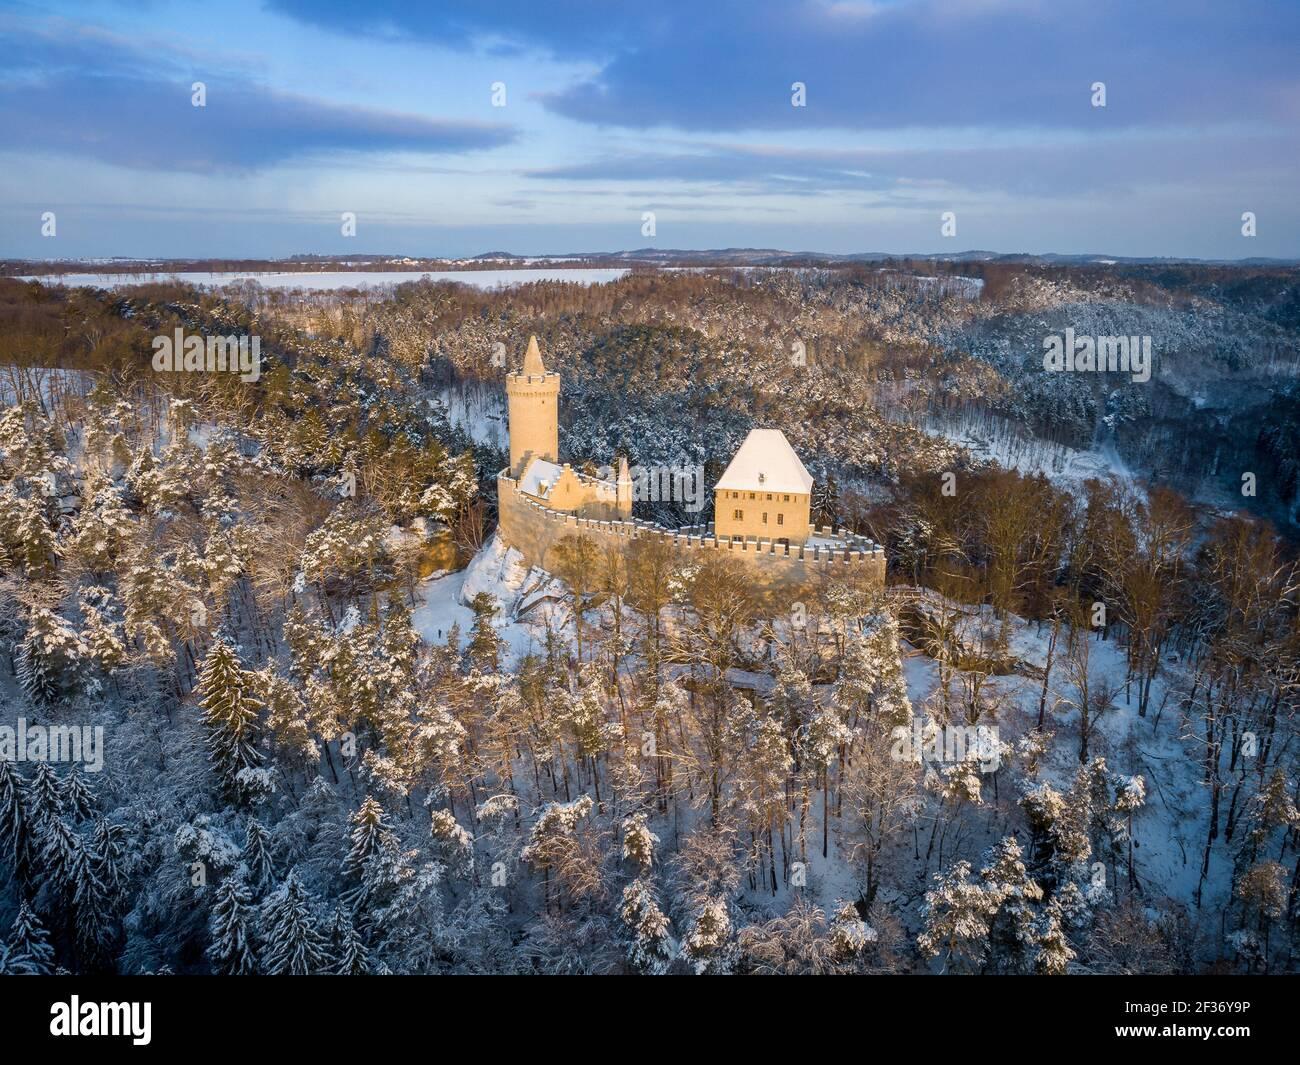 Vue aérienne du château médiéval de Kokorin en hiver au lever du soleil. Parc national de Kokorinsko à proximité de Prague en République tchèque. Europe centrale. Banque D'Images